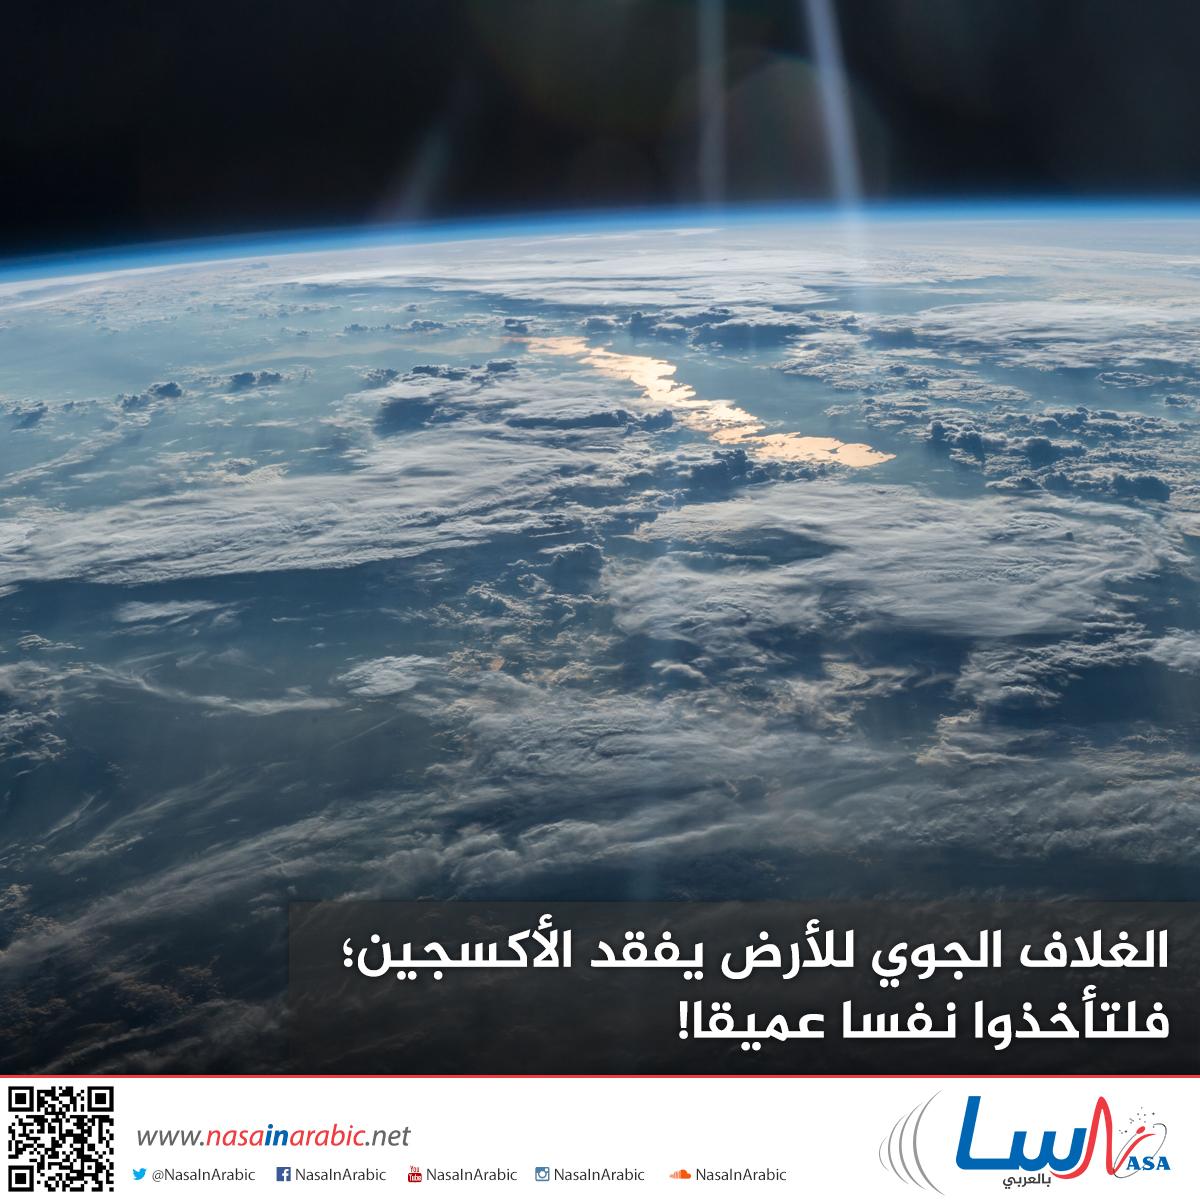 الغلاف الجوي للأرض يفقد الأكسجين، فلتأخذوا نفسا عميقا!